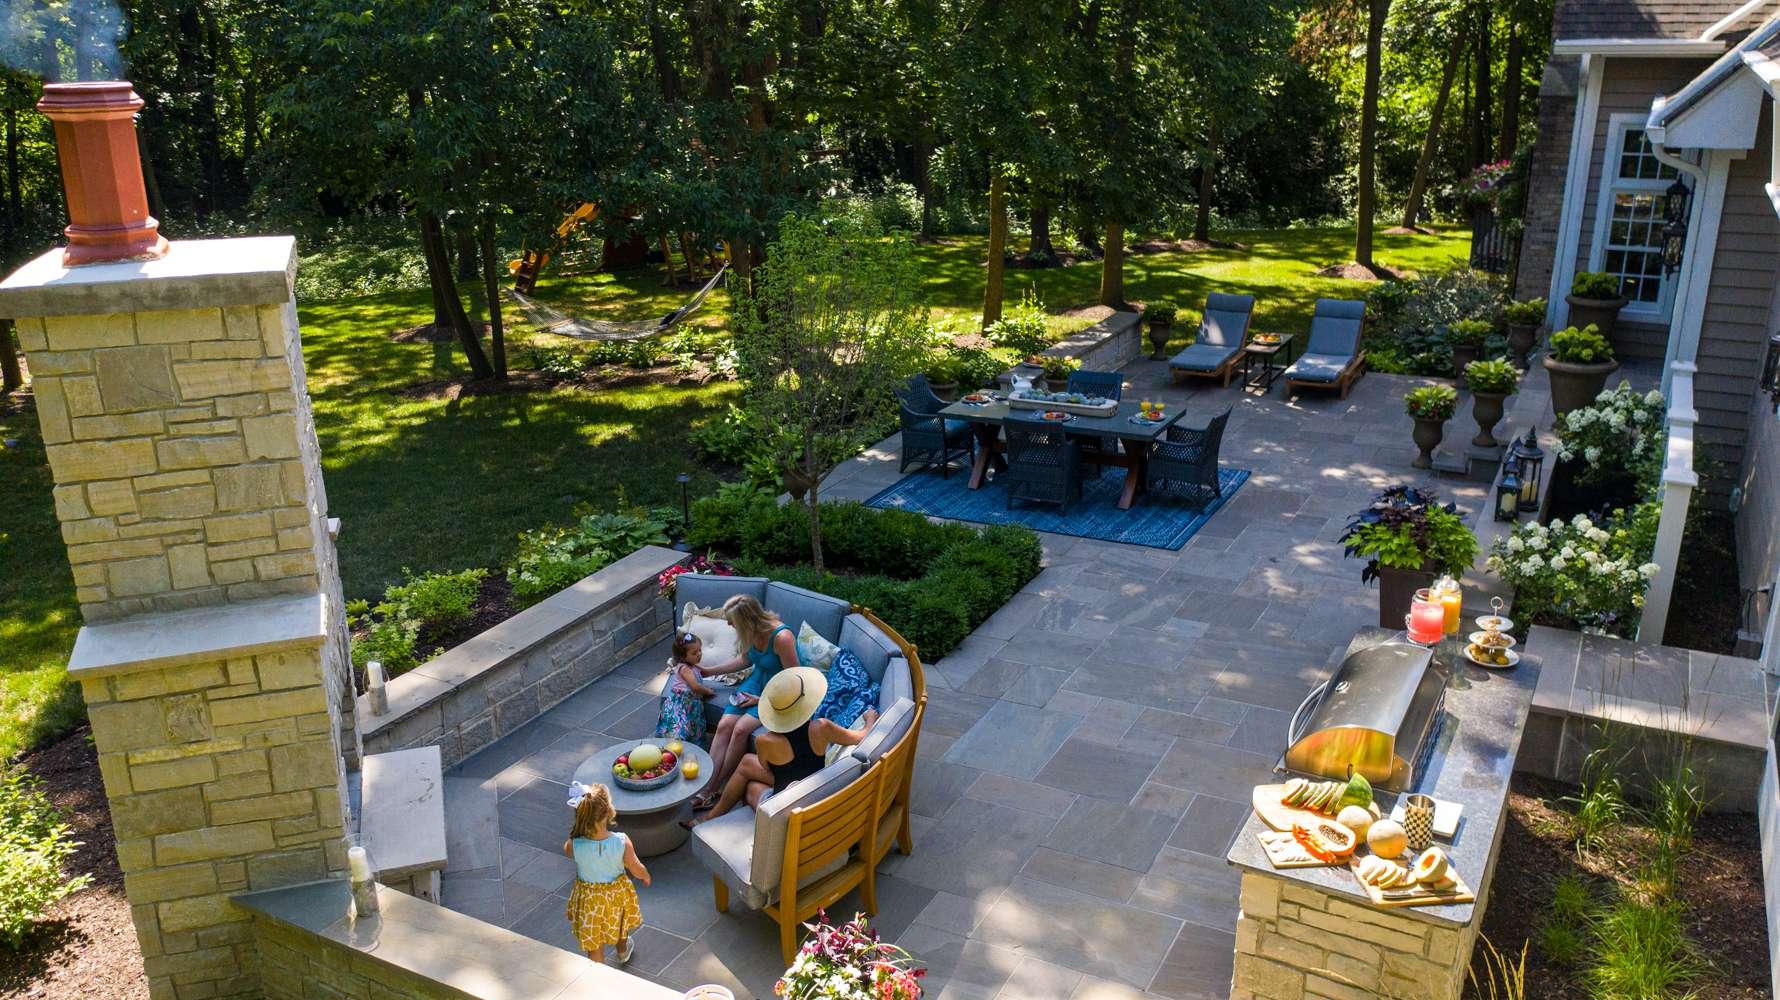 Plainfield, IL Landscape Design Case Study: A Patio & Entertaining Space for a Large Family